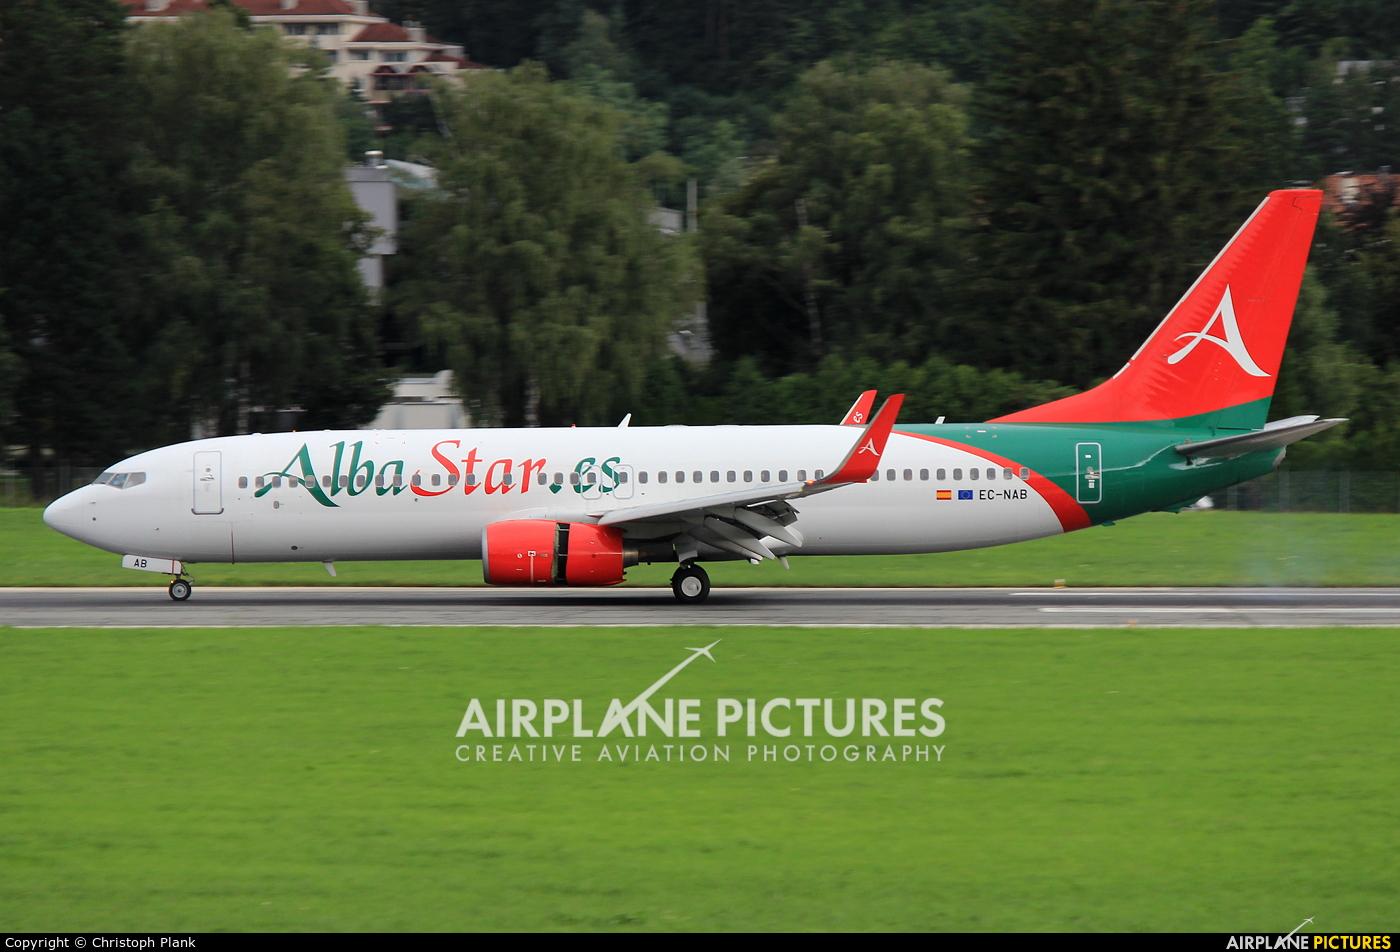 AlbaStar EC-NAB aircraft at Innsbruck